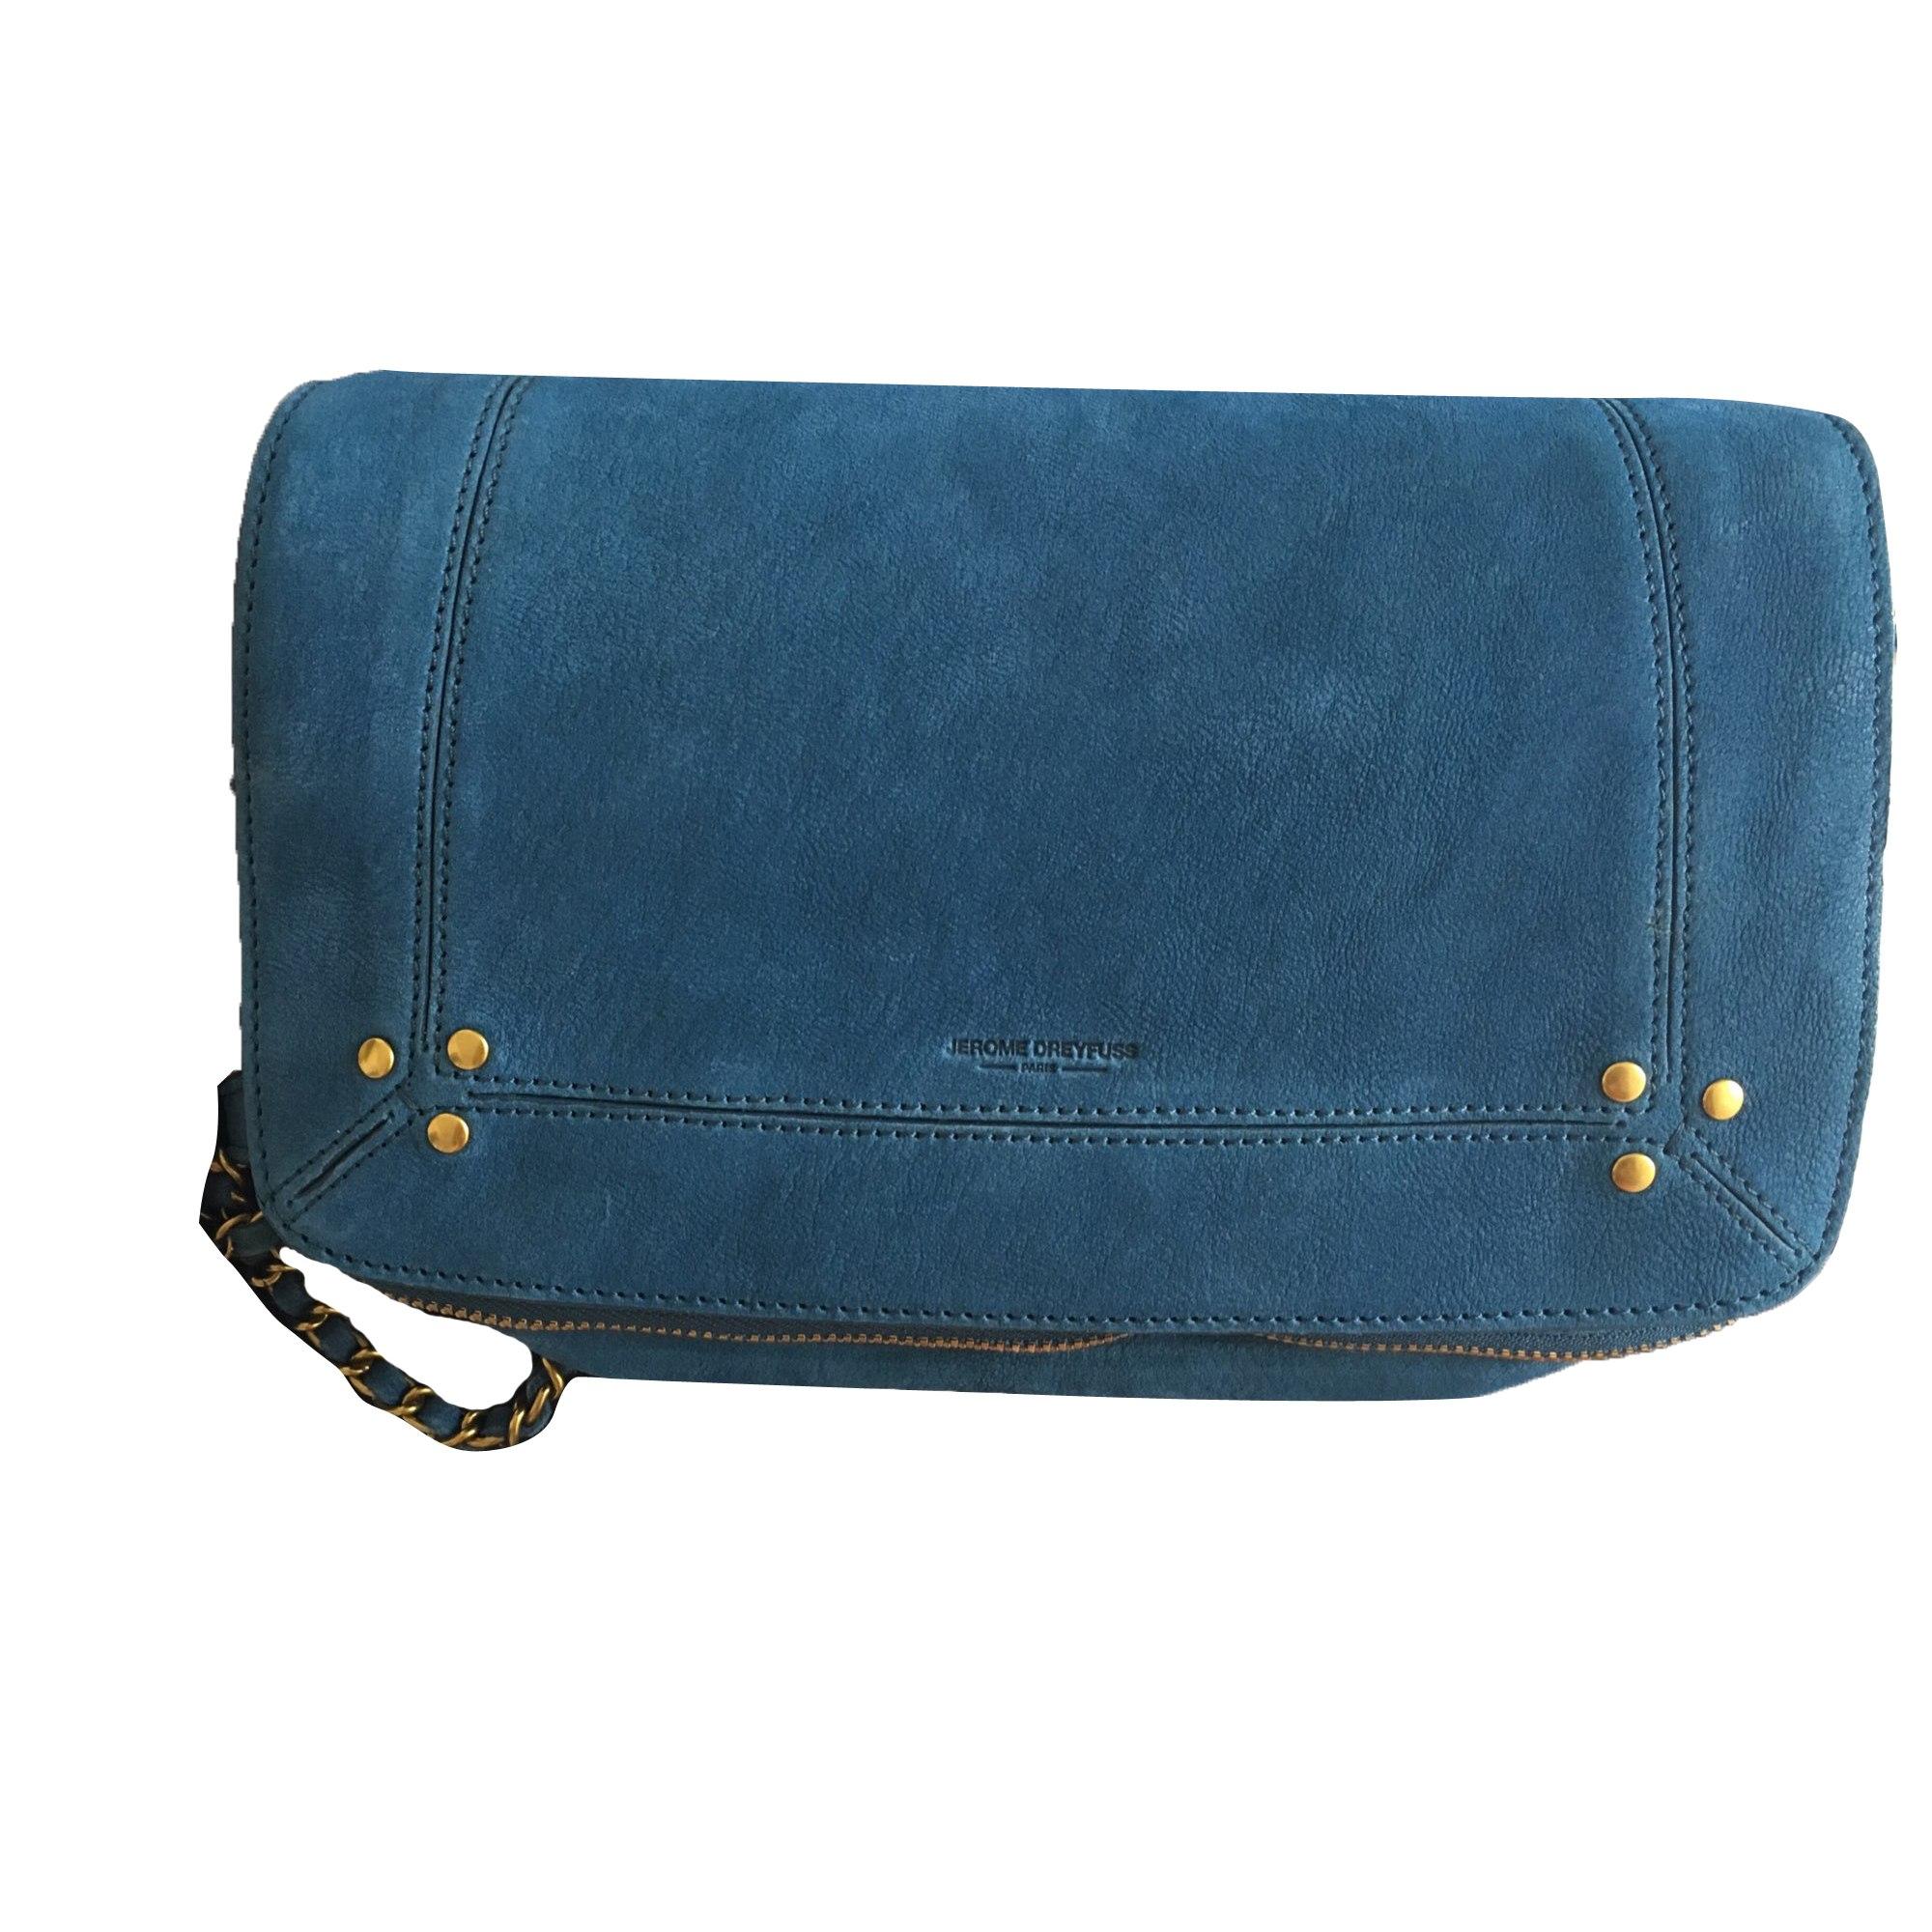 Leather Shoulder Bag JEROME DREYFUSS Blue, navy, turquoise